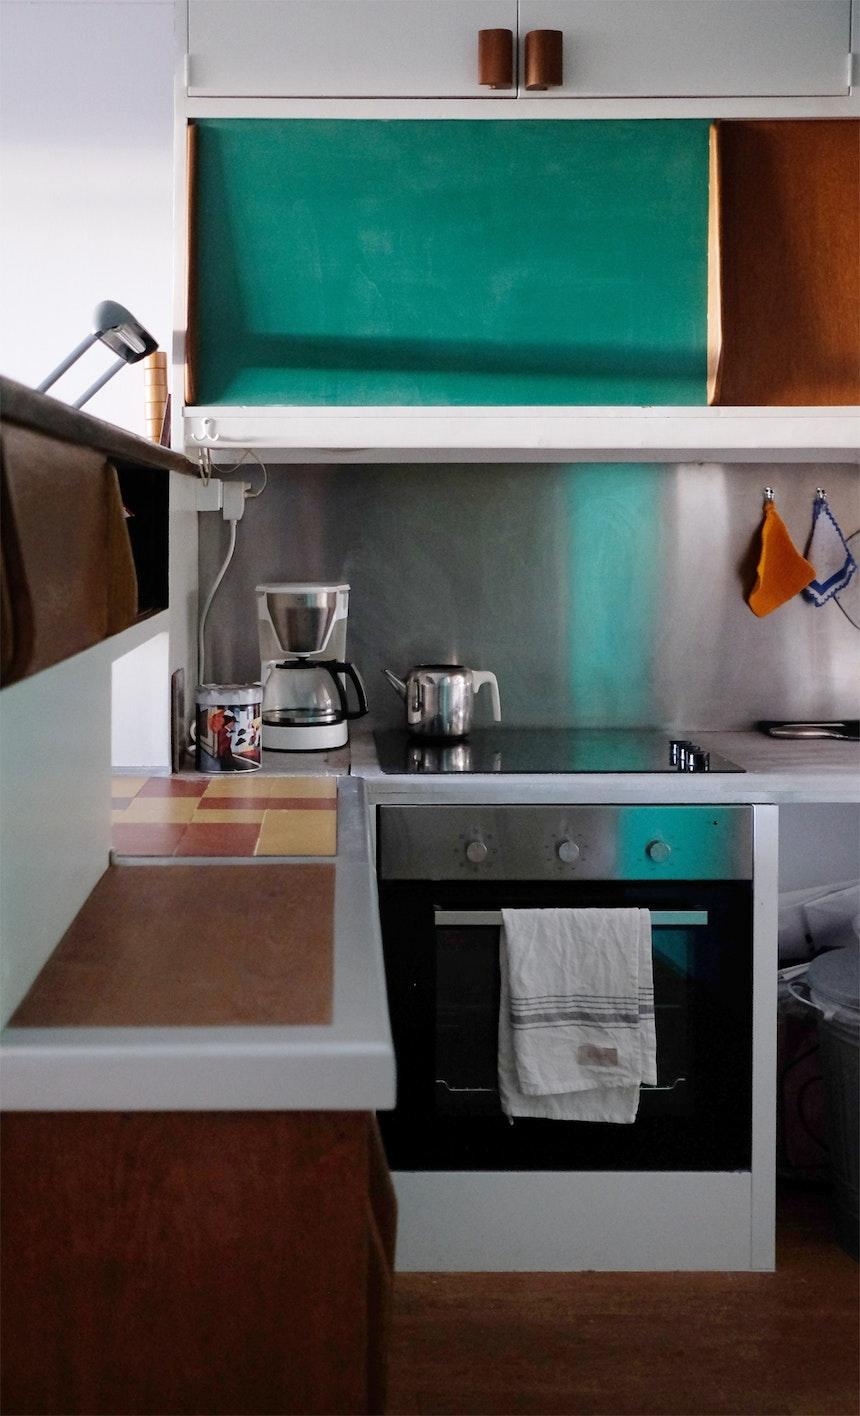 Schränke mit Schiebetüren und Griffen, die an Tragflächen eines Modellflugzeugs erinnern, Durchreiche, Holz und die Farbe Veroneser Grün bestimmen das Aussehen der kleinen Küche